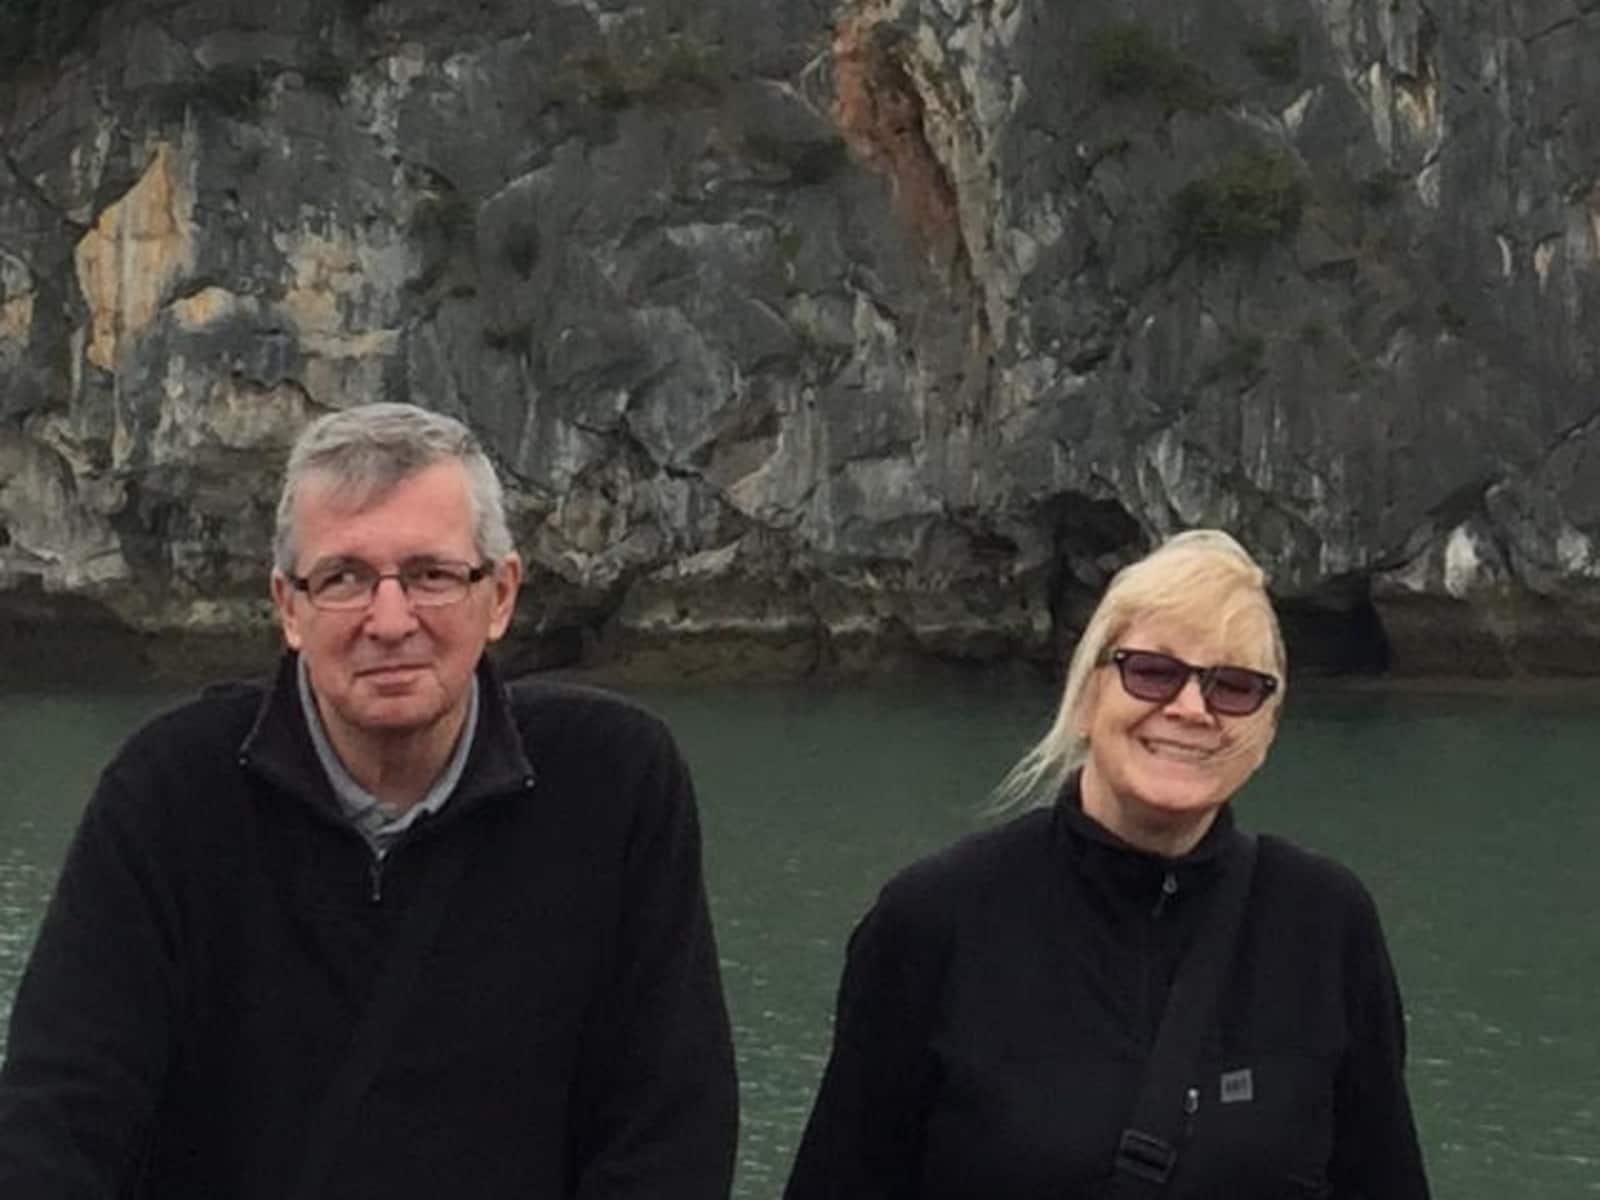 Helen & Eric from Halifax, Nova Scotia, Canada